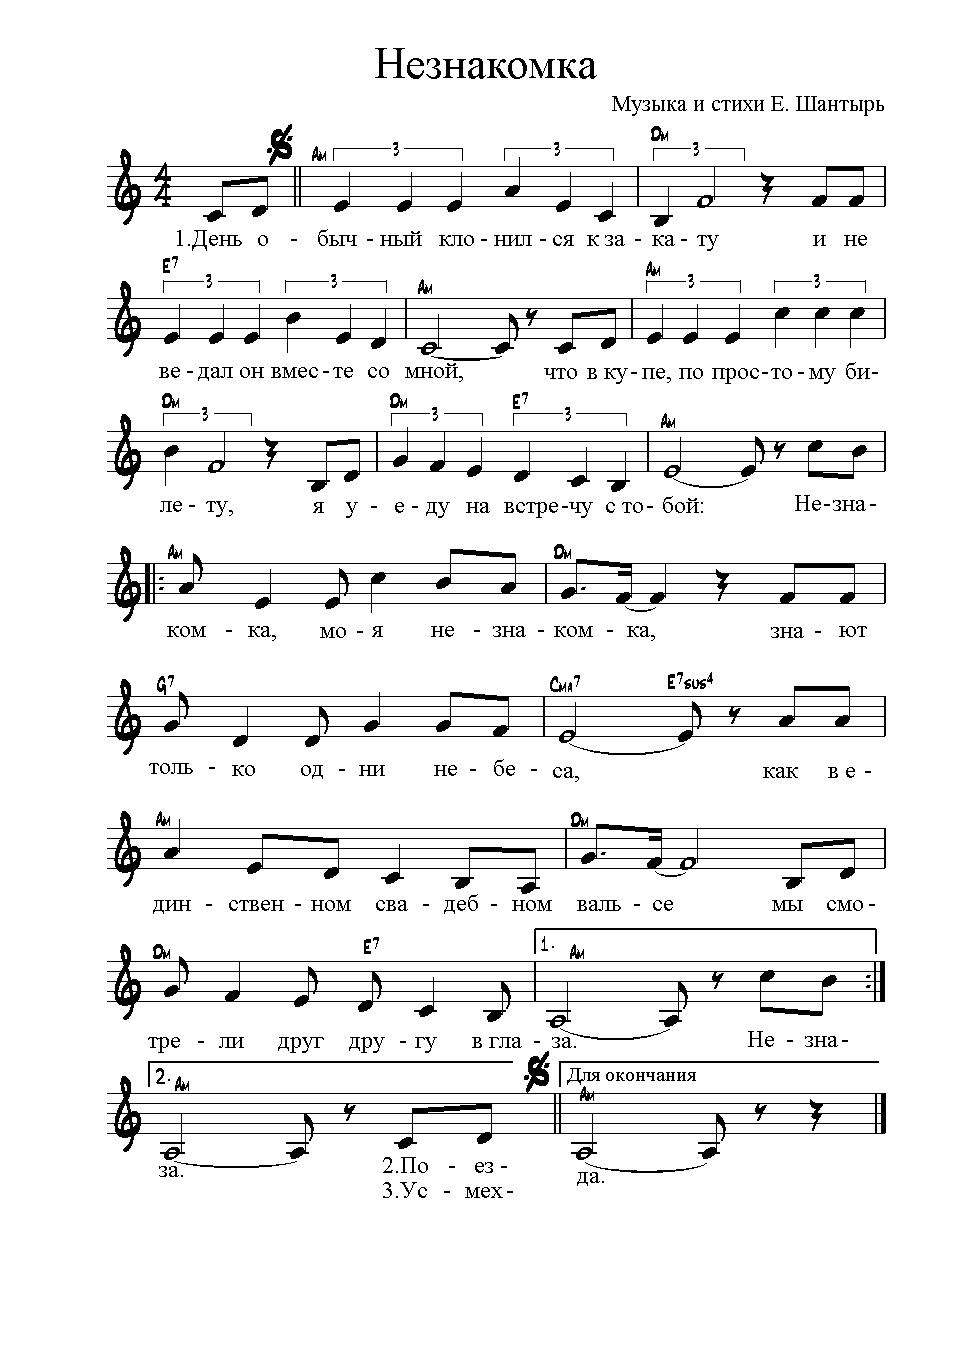 стихи незнакомка блока гитары аккорды для на